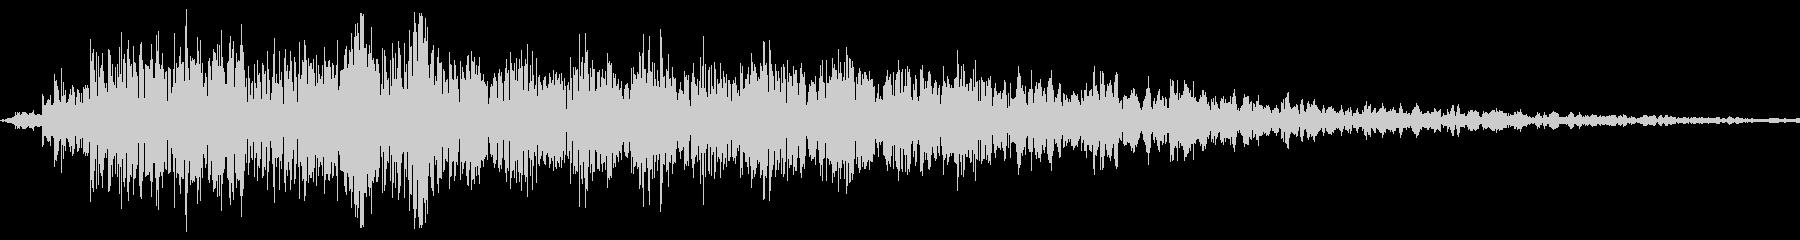 Animal アホなカラスの鳴き声SEの未再生の波形